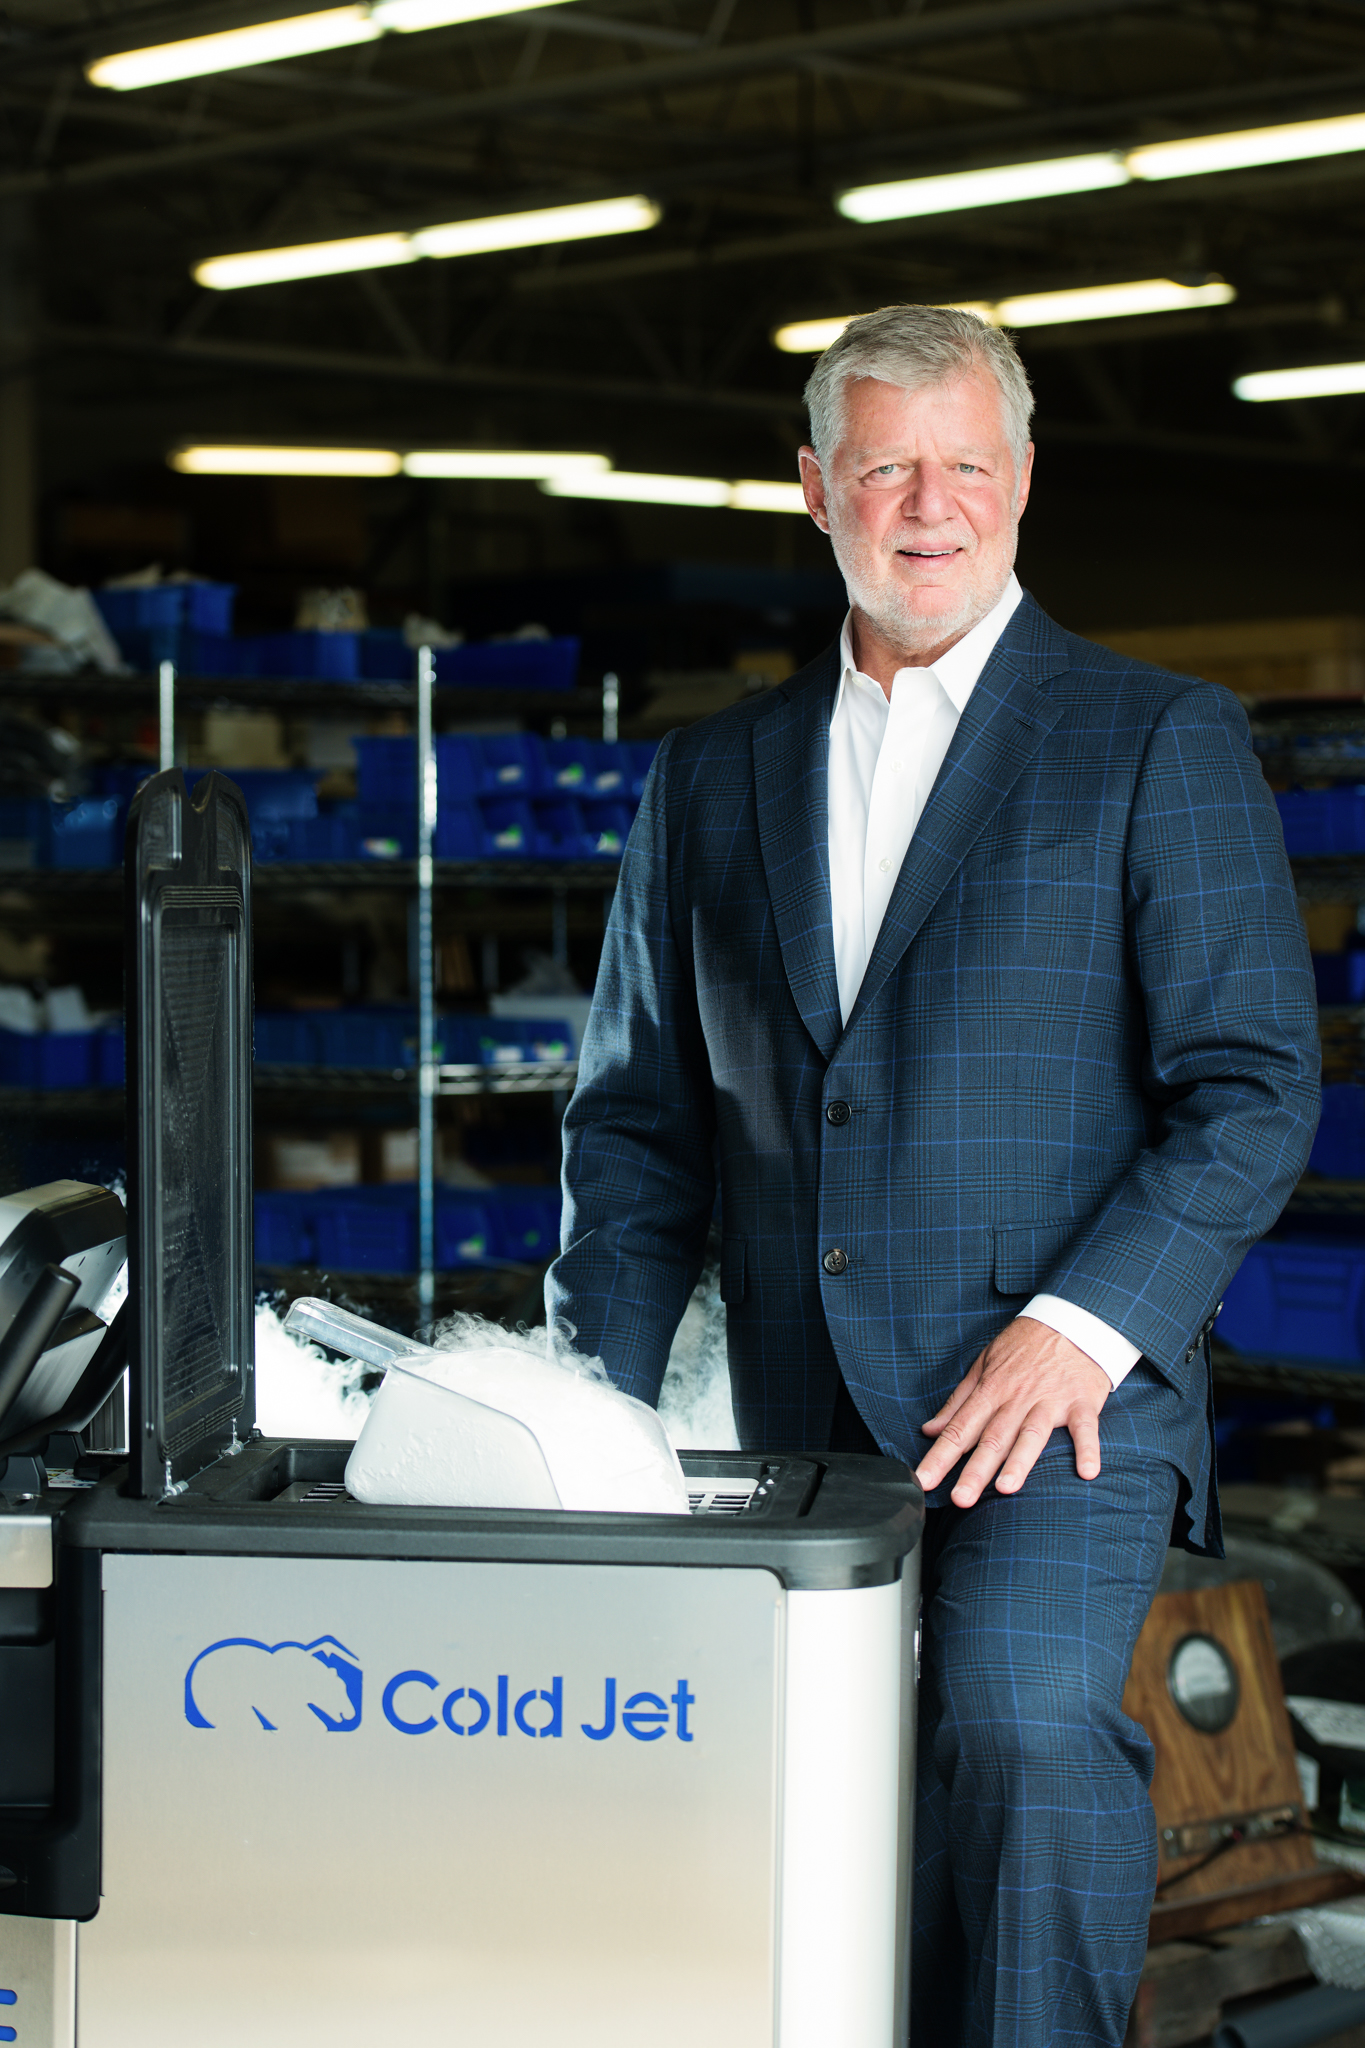 Cold Jet Gene Cooke